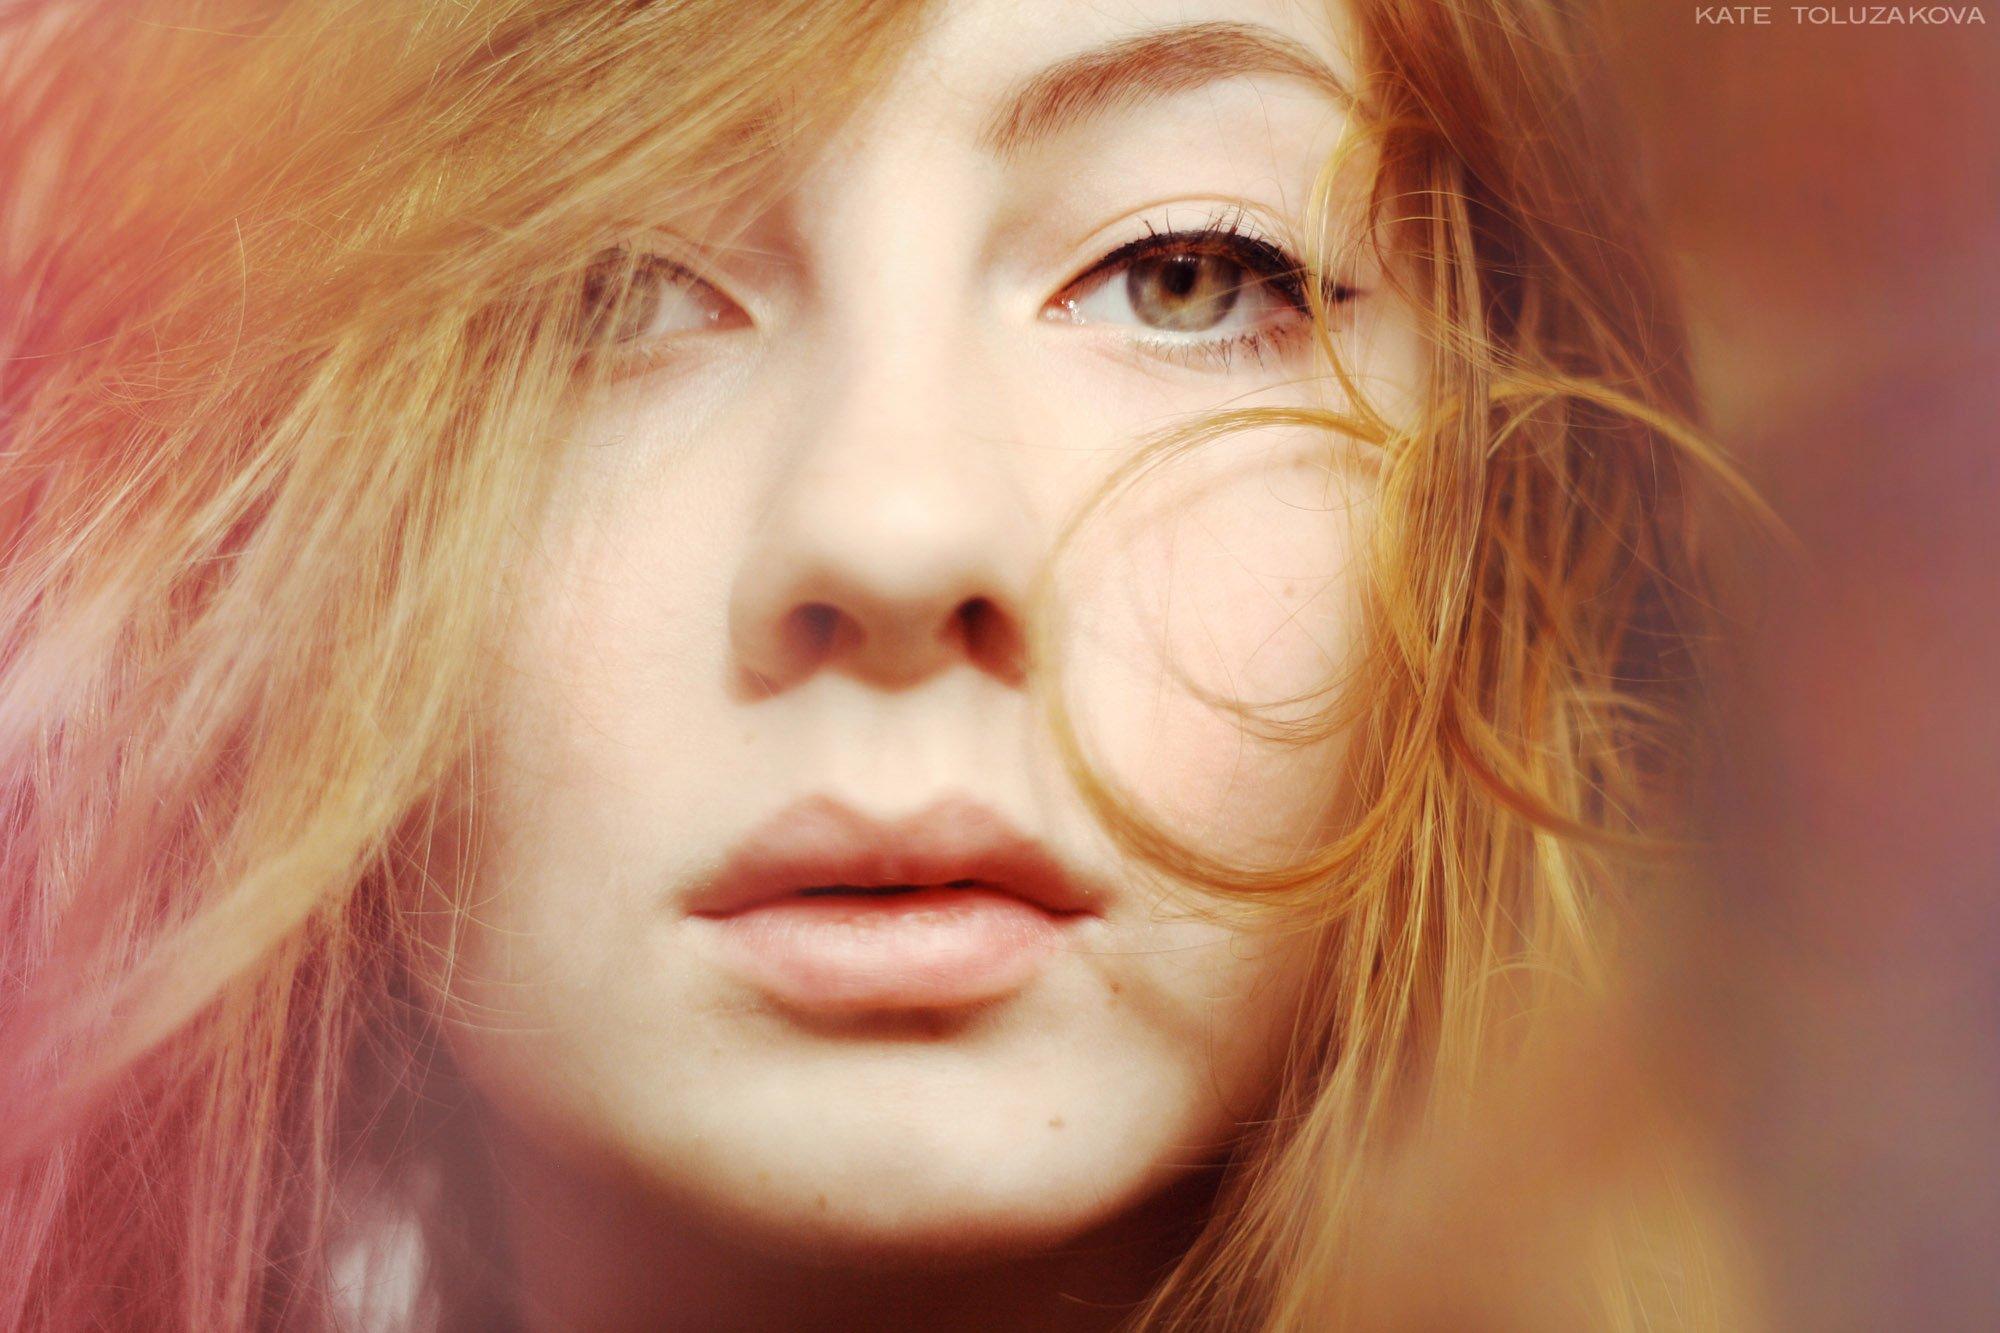 девушка,весна,автопортрет,нежность,губы,кудри,girl, spring, self-portrait, tenderness, lips, curls., Екатерина